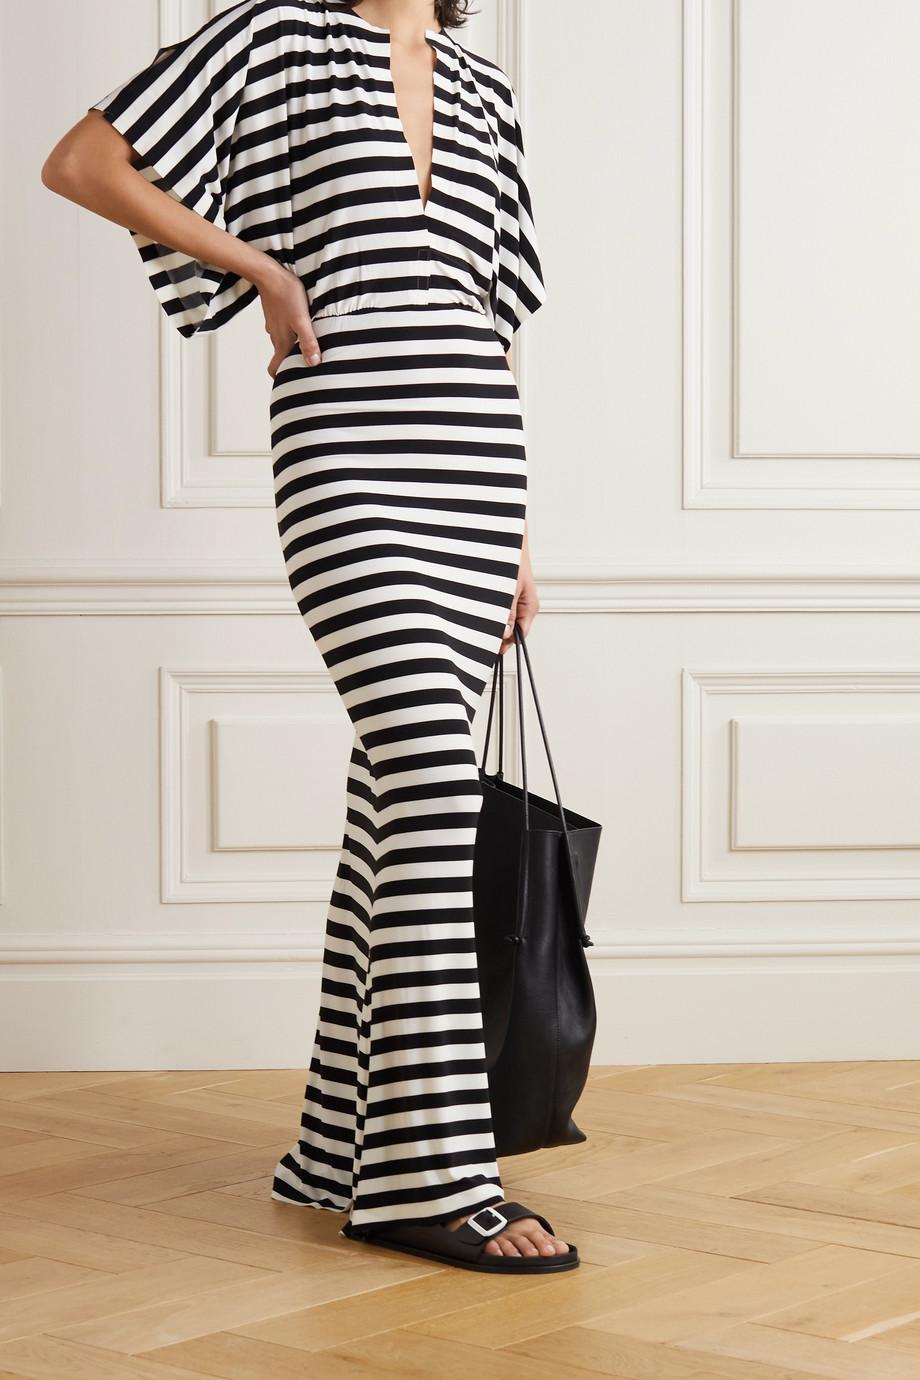 Norma Kamali Obie striped stretch-jersey maxi dress